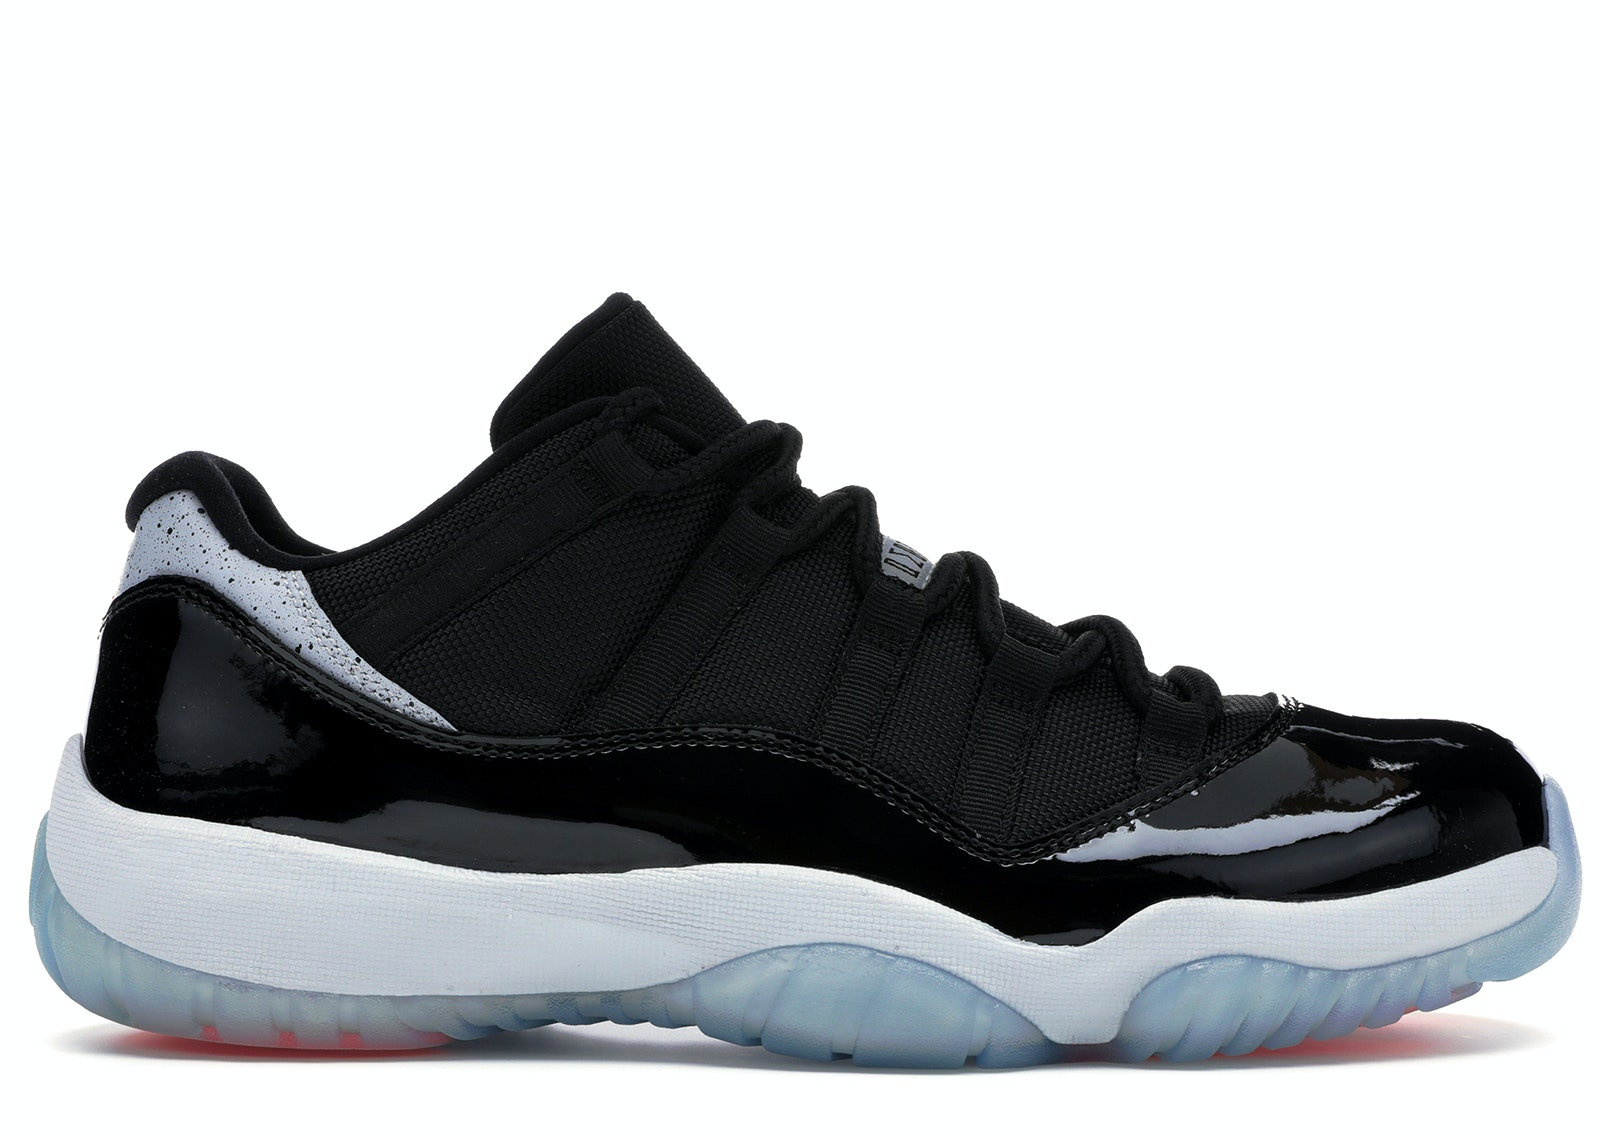 Jordan 11 Retro Low Infrared